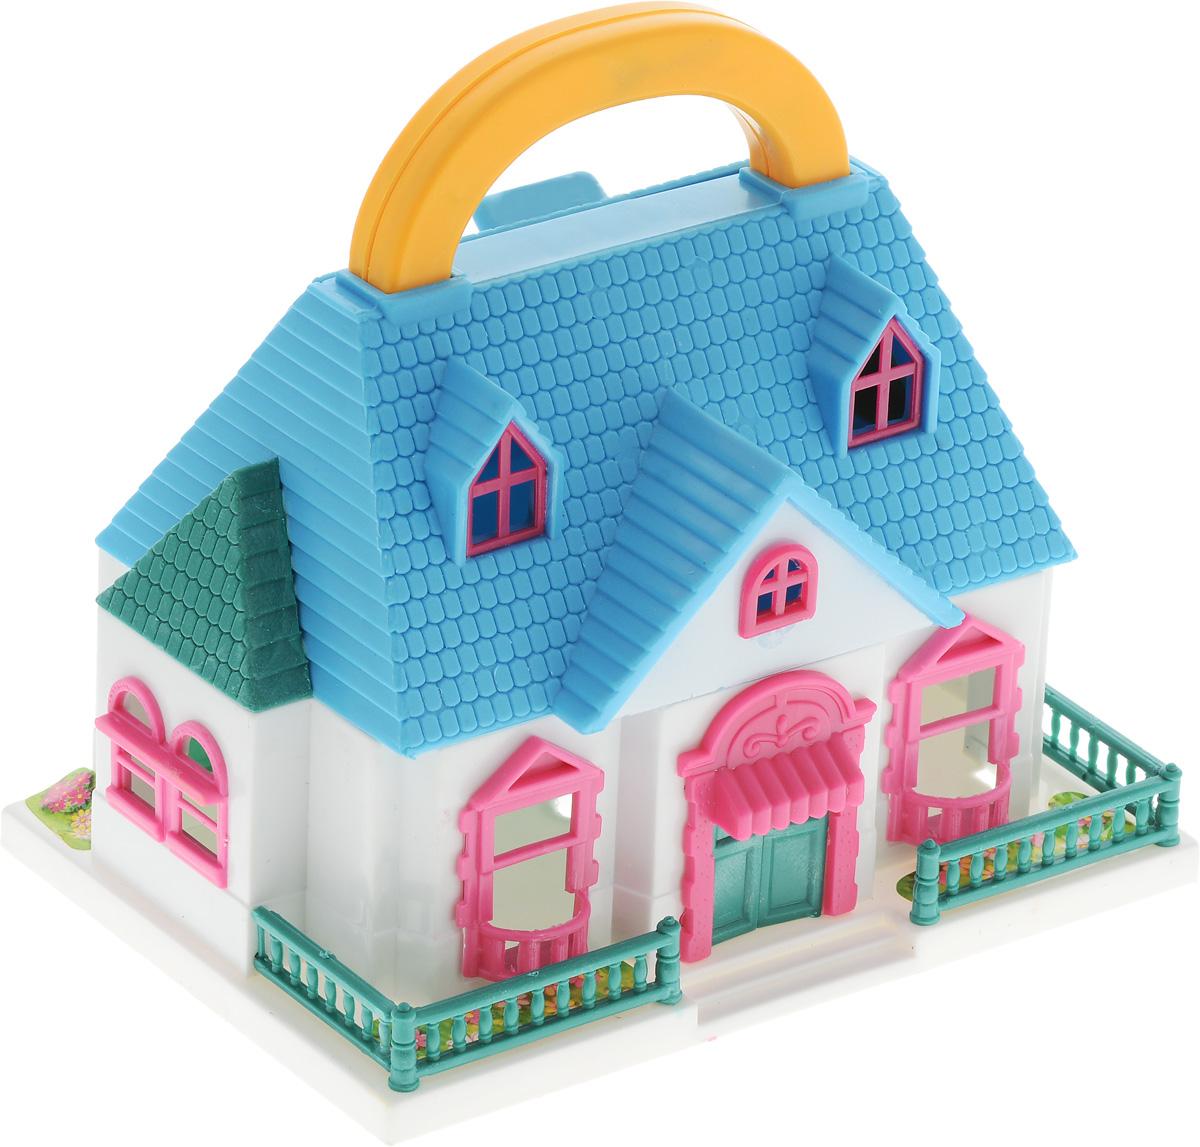 ABtoys Дом для кукол цвет белый голубой большой дом для кукол купить